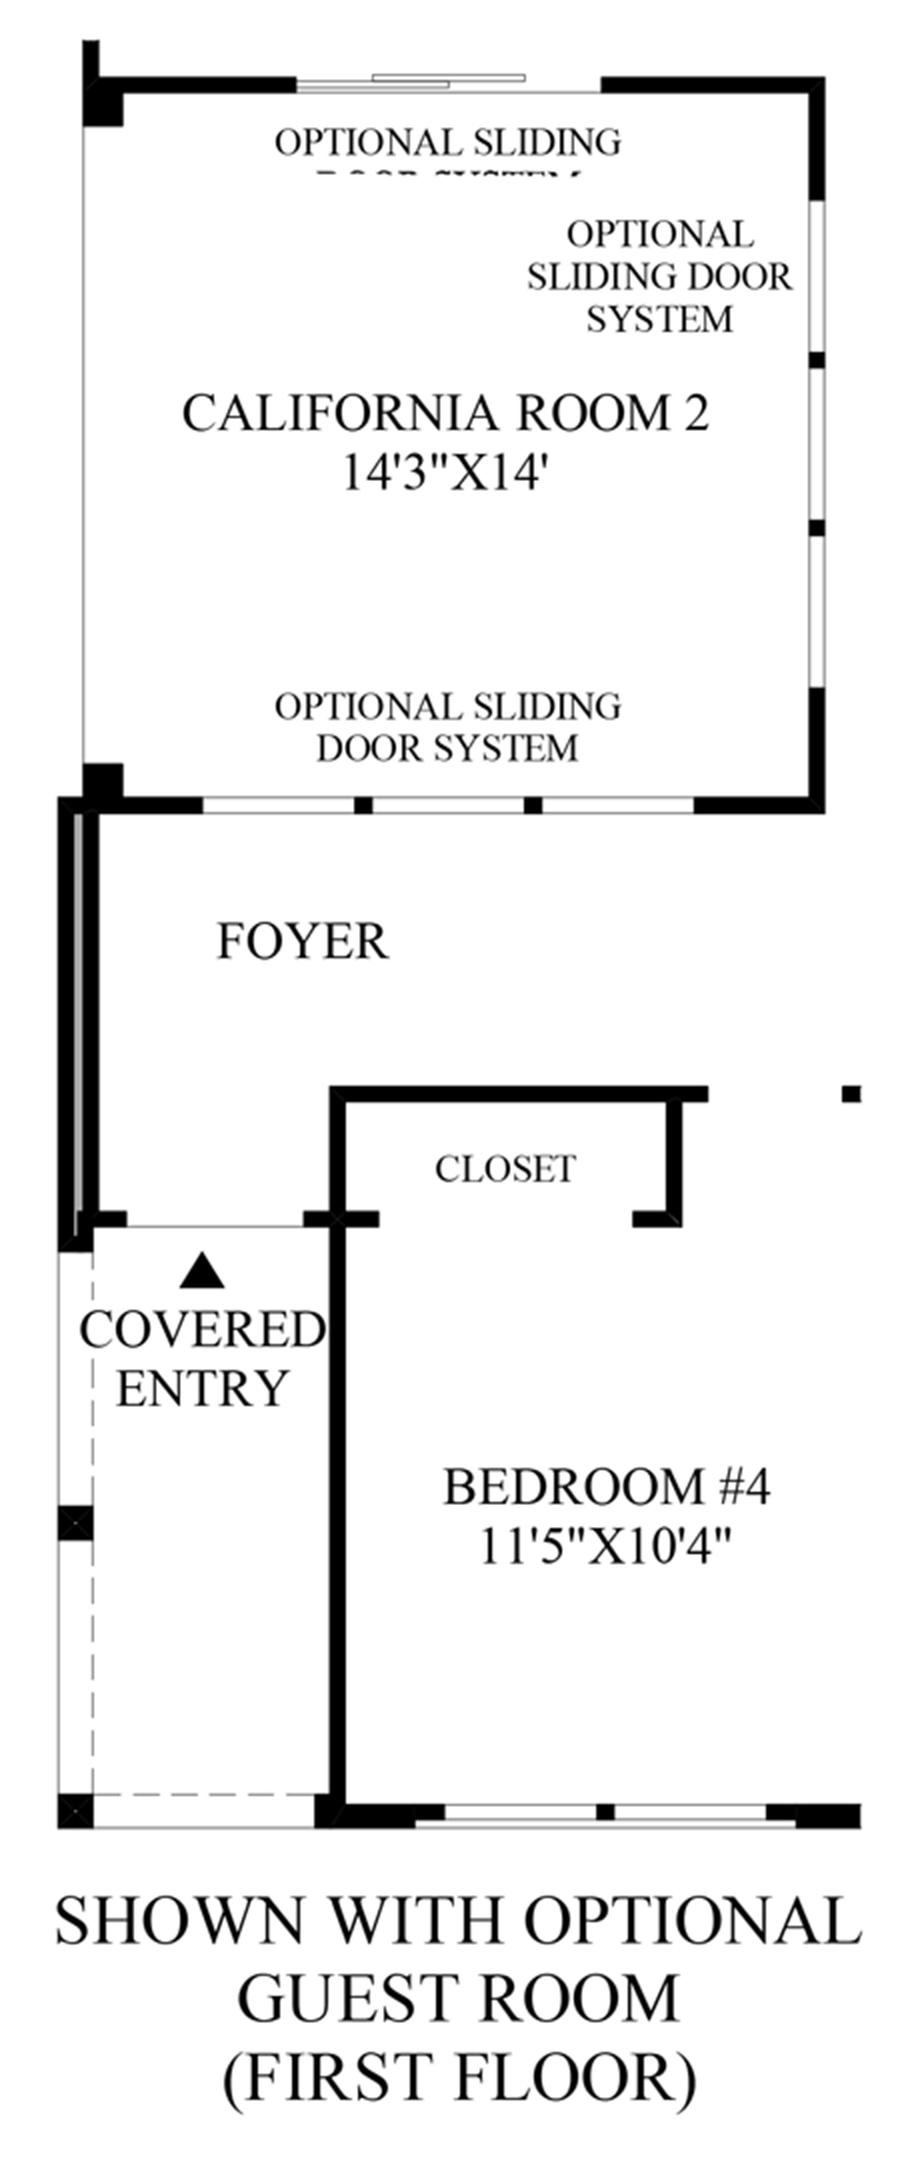 Optional Guest Room (First Floor) Floor Plan